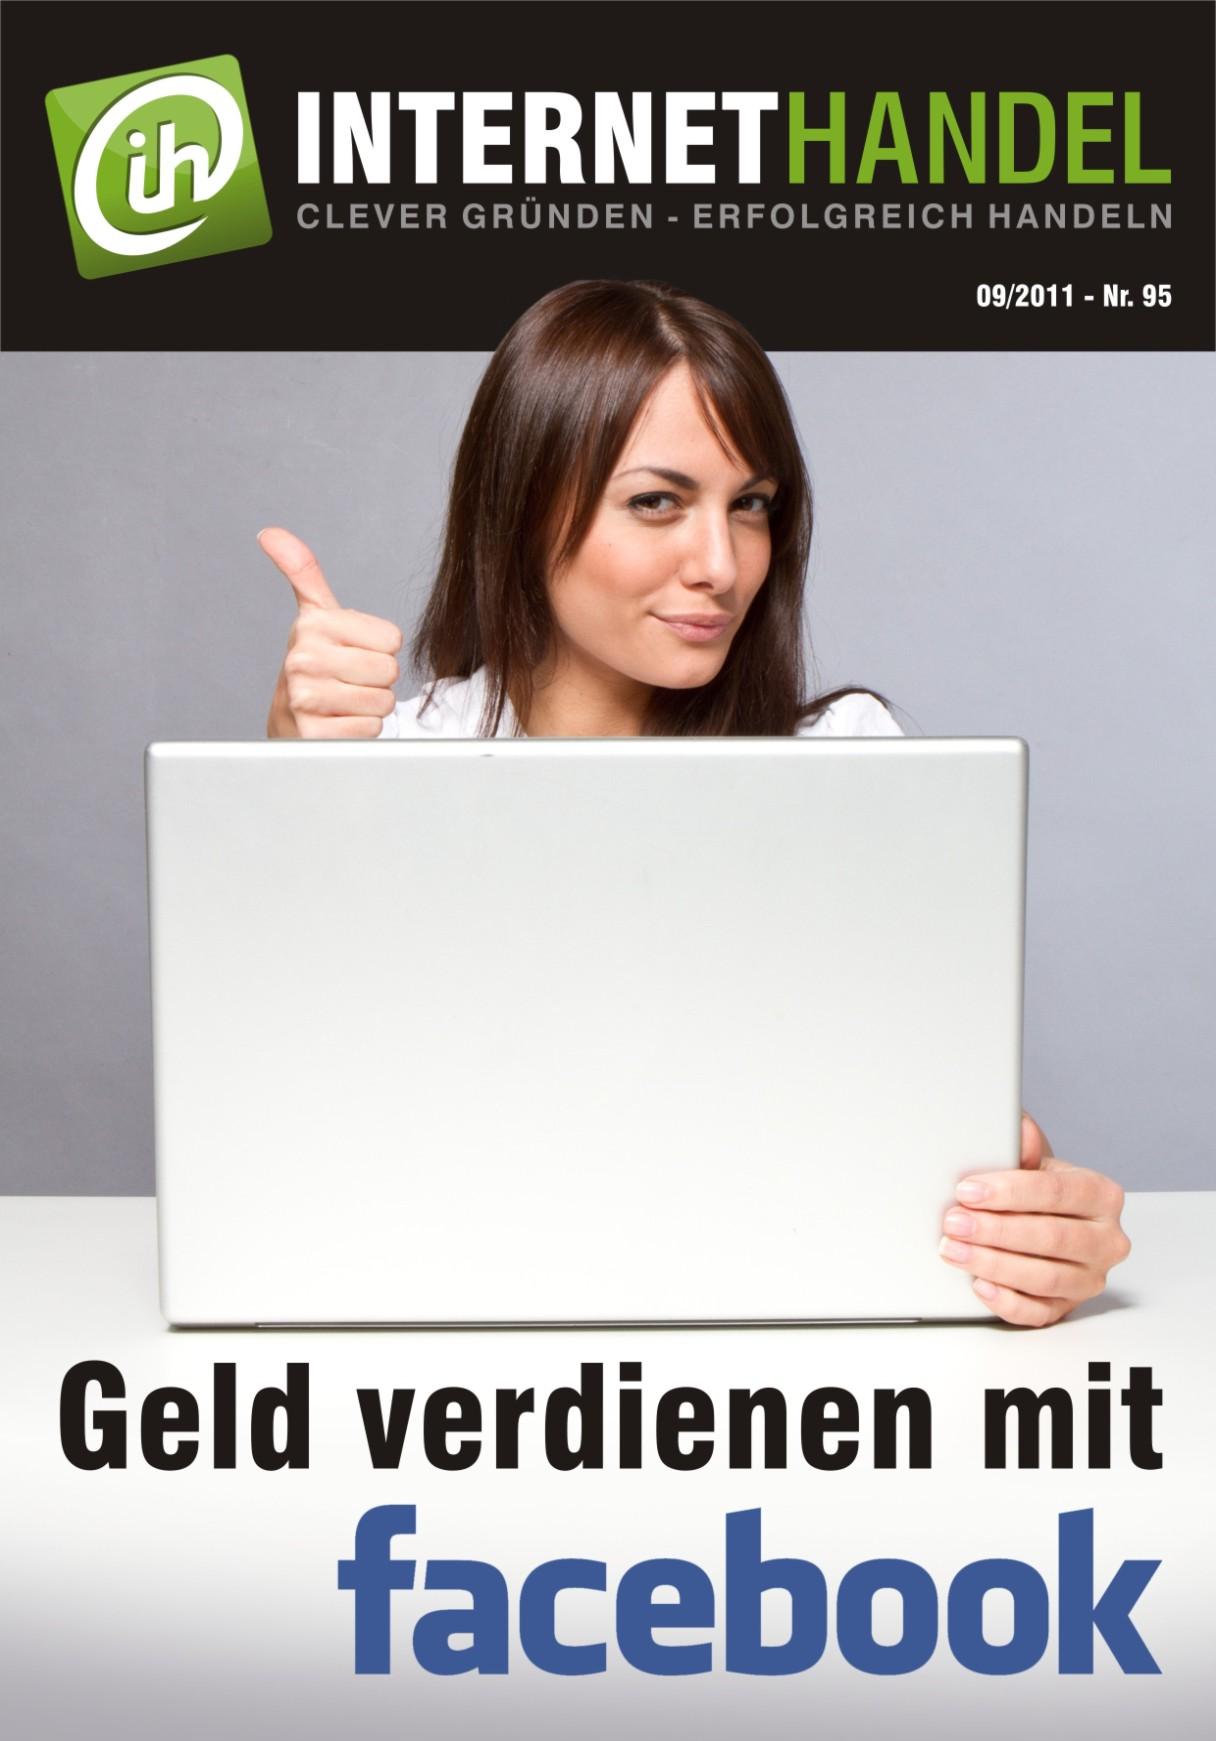 F-Commerce - Werben und verkaufen bei Facebook - INTERNETHANDEL